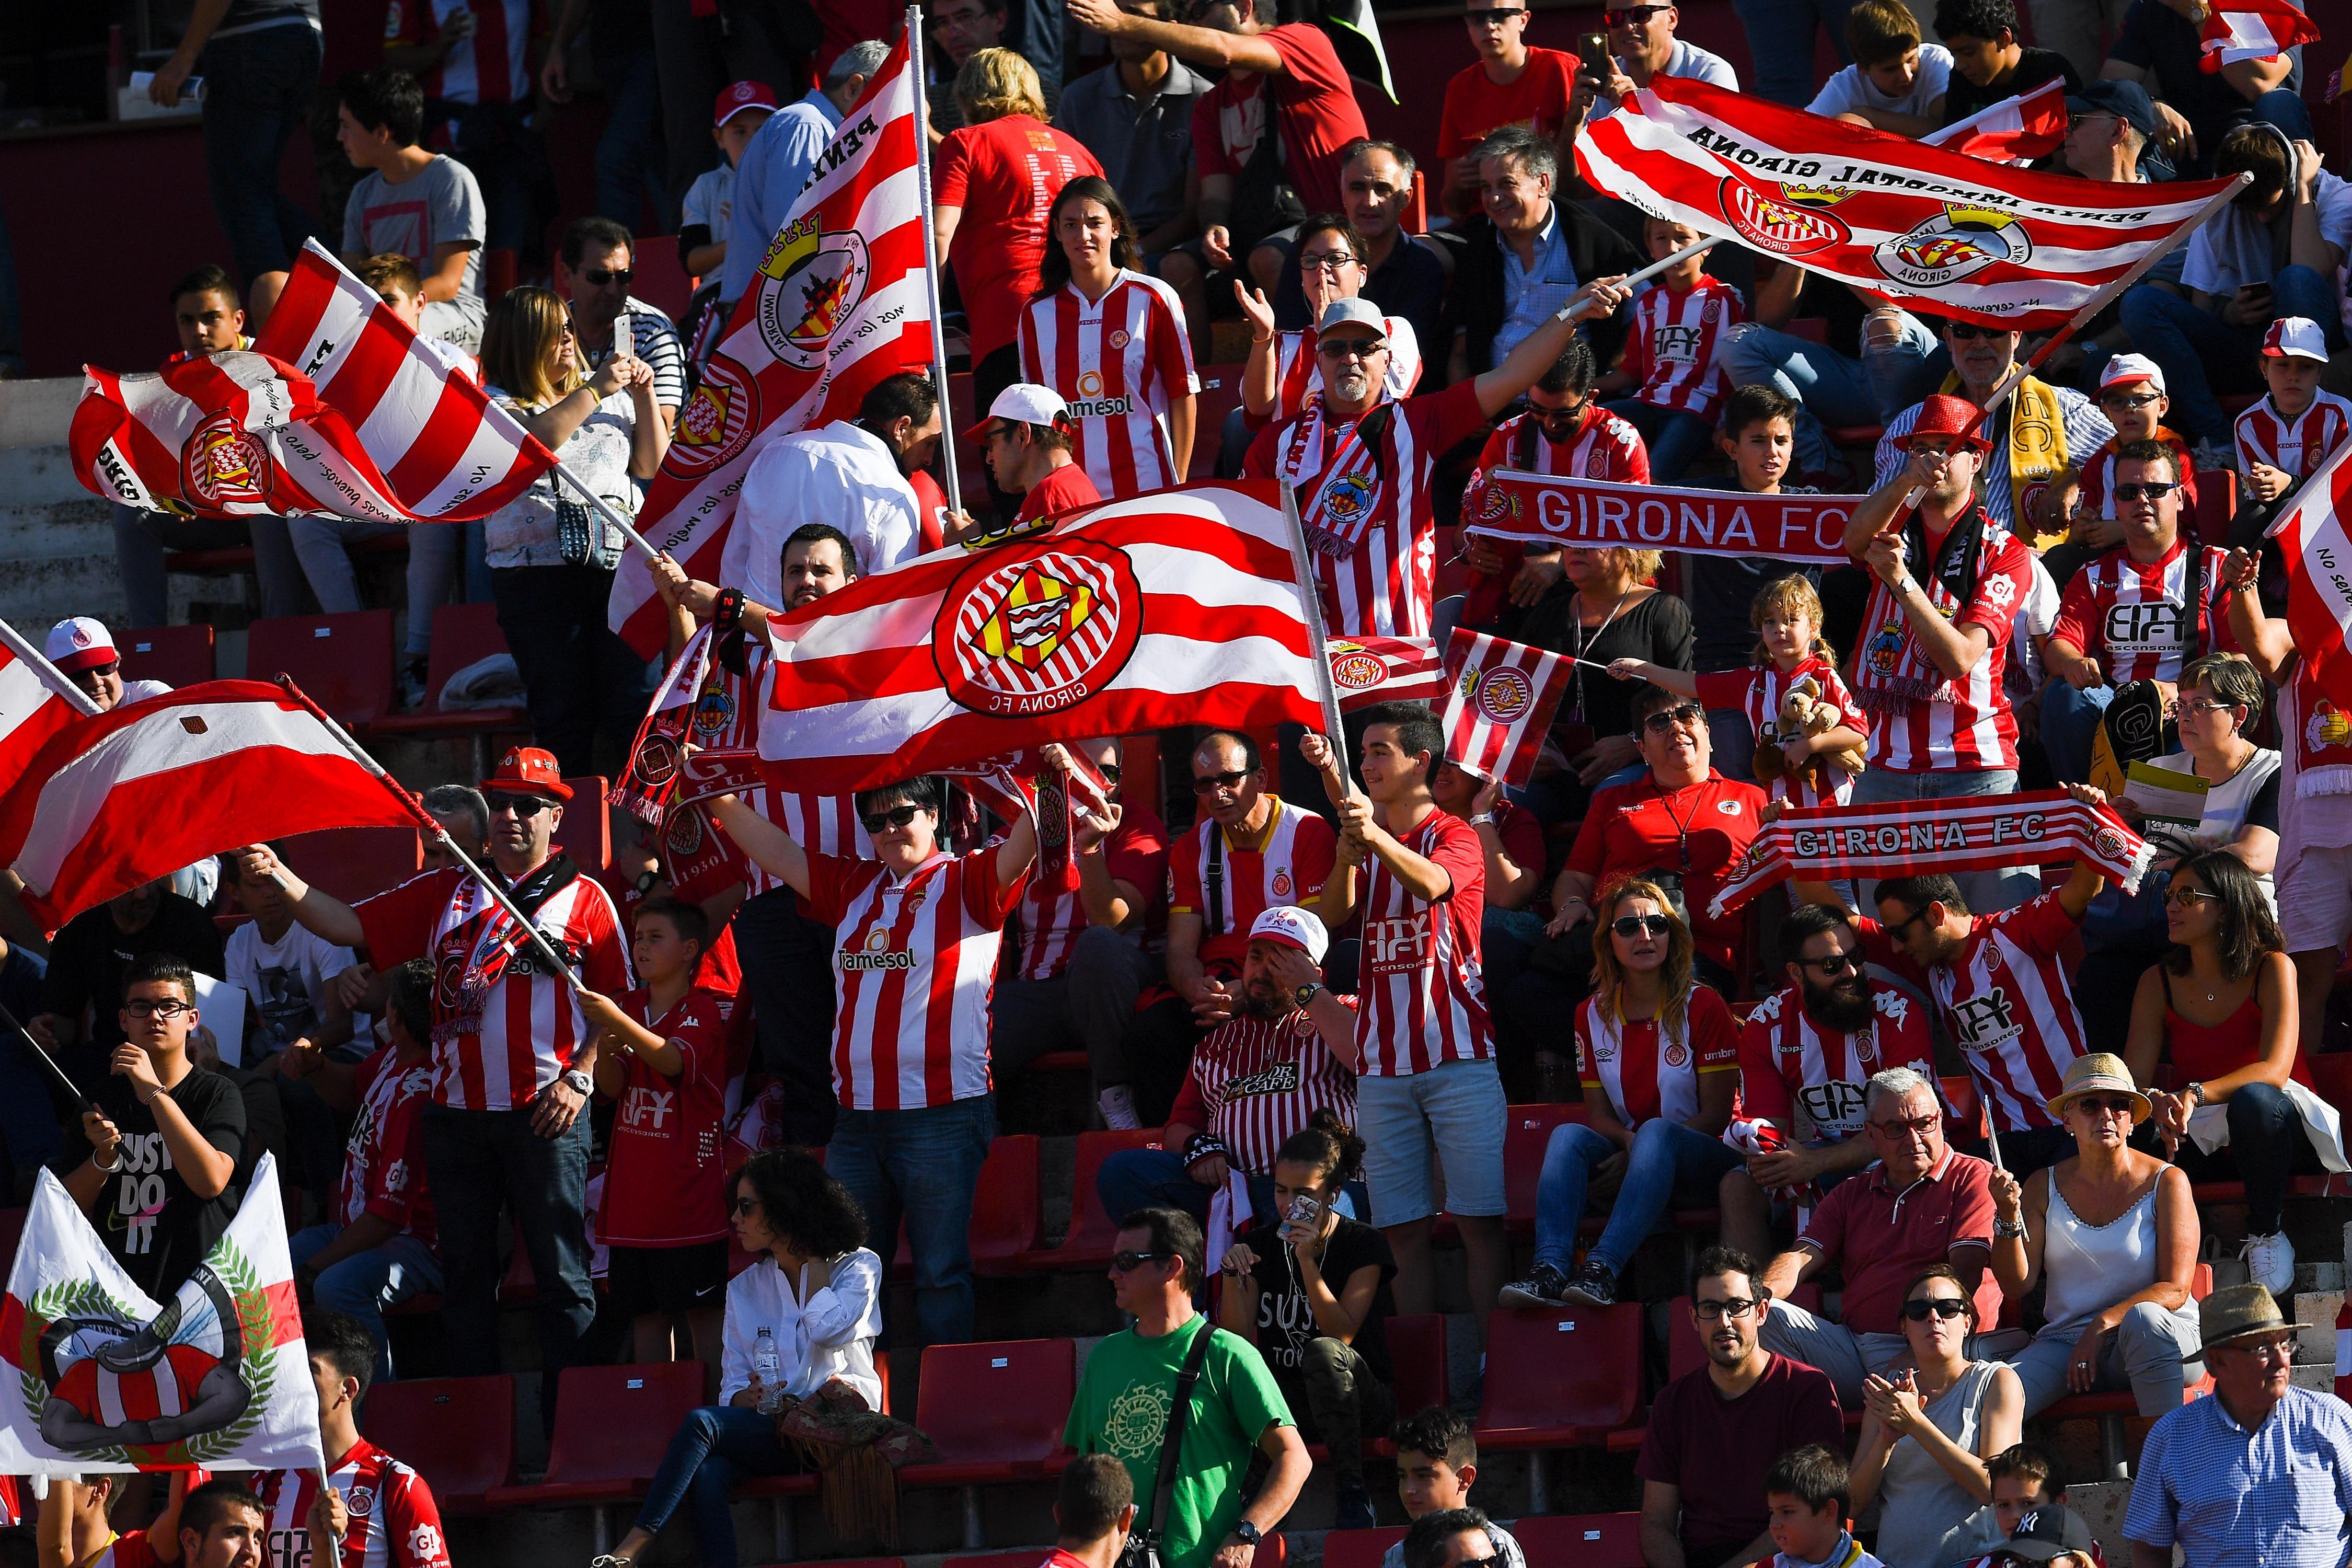 Por Qué Girona Regalaría 1500 Pasajes De Avión A Sus Hinchas Para Un Partido Tyc Sports Equipo Procesos Judiciales Federacion Española De Futbol